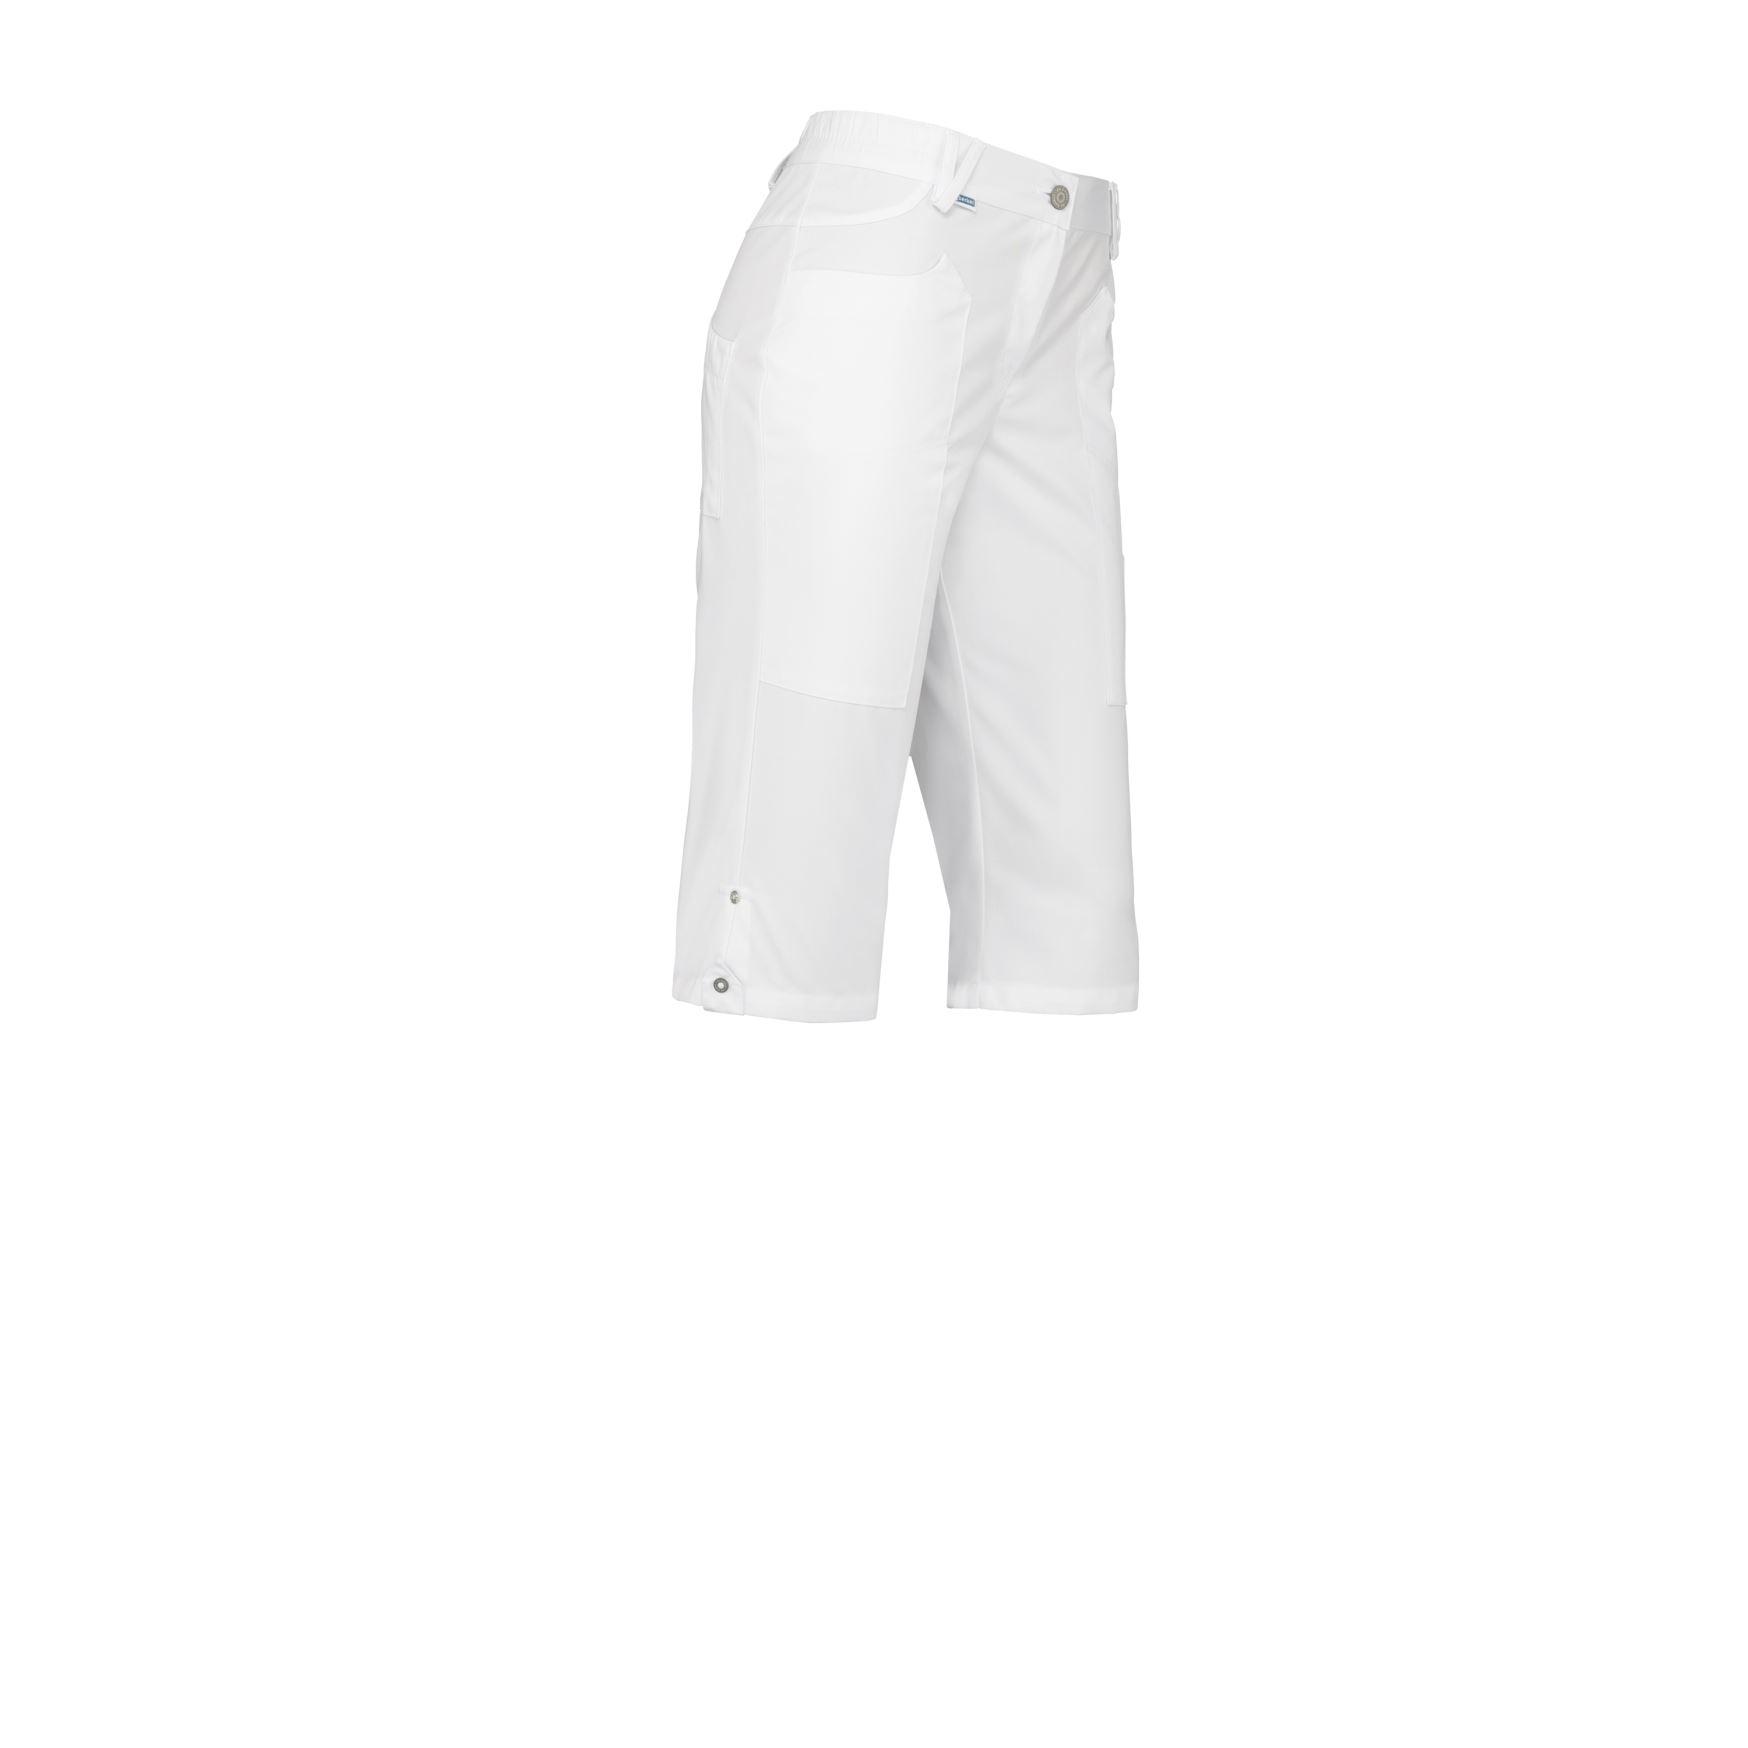 De Berkel Pantalon Nora